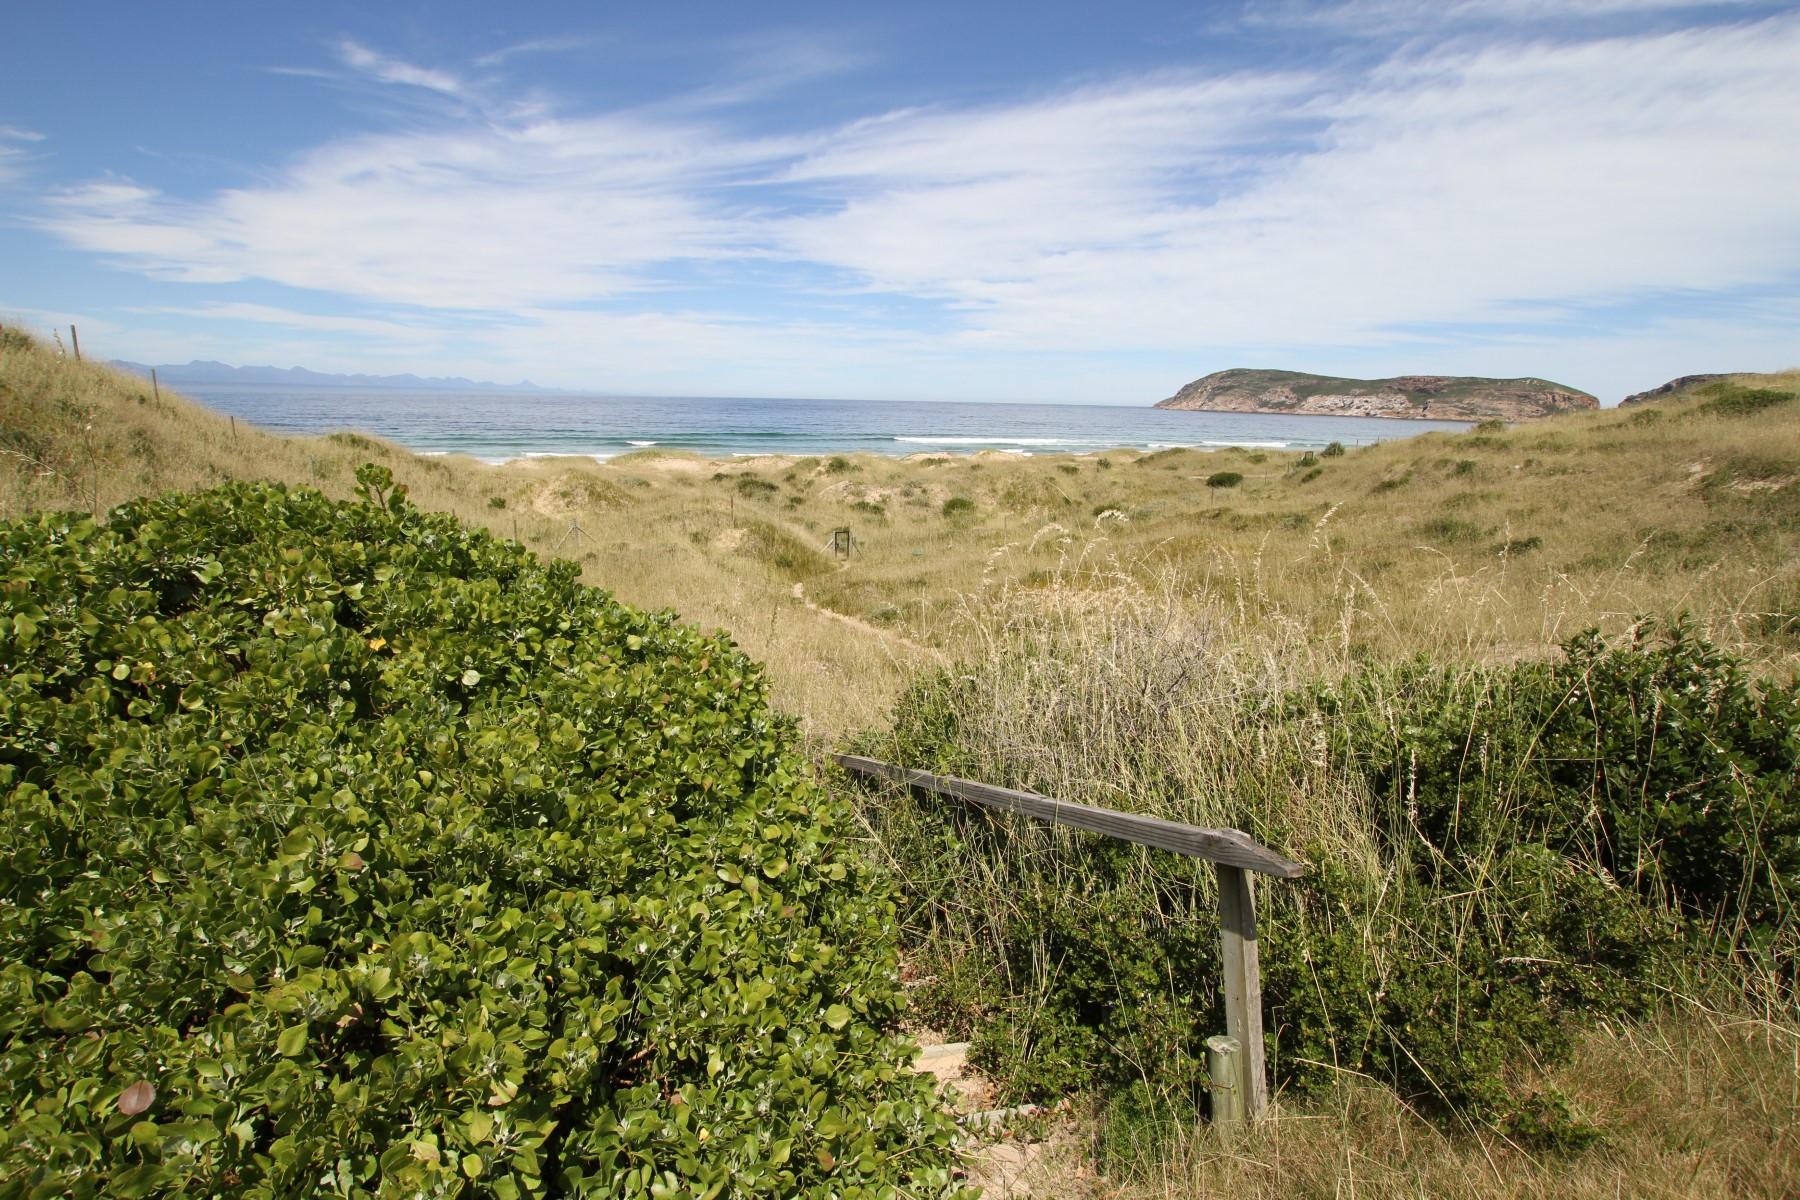 Terreno por un Venta en Lost Treasure Found! Plettenberg Bay, Provincia Occidental Del Cabo 6600 Sudáfrica